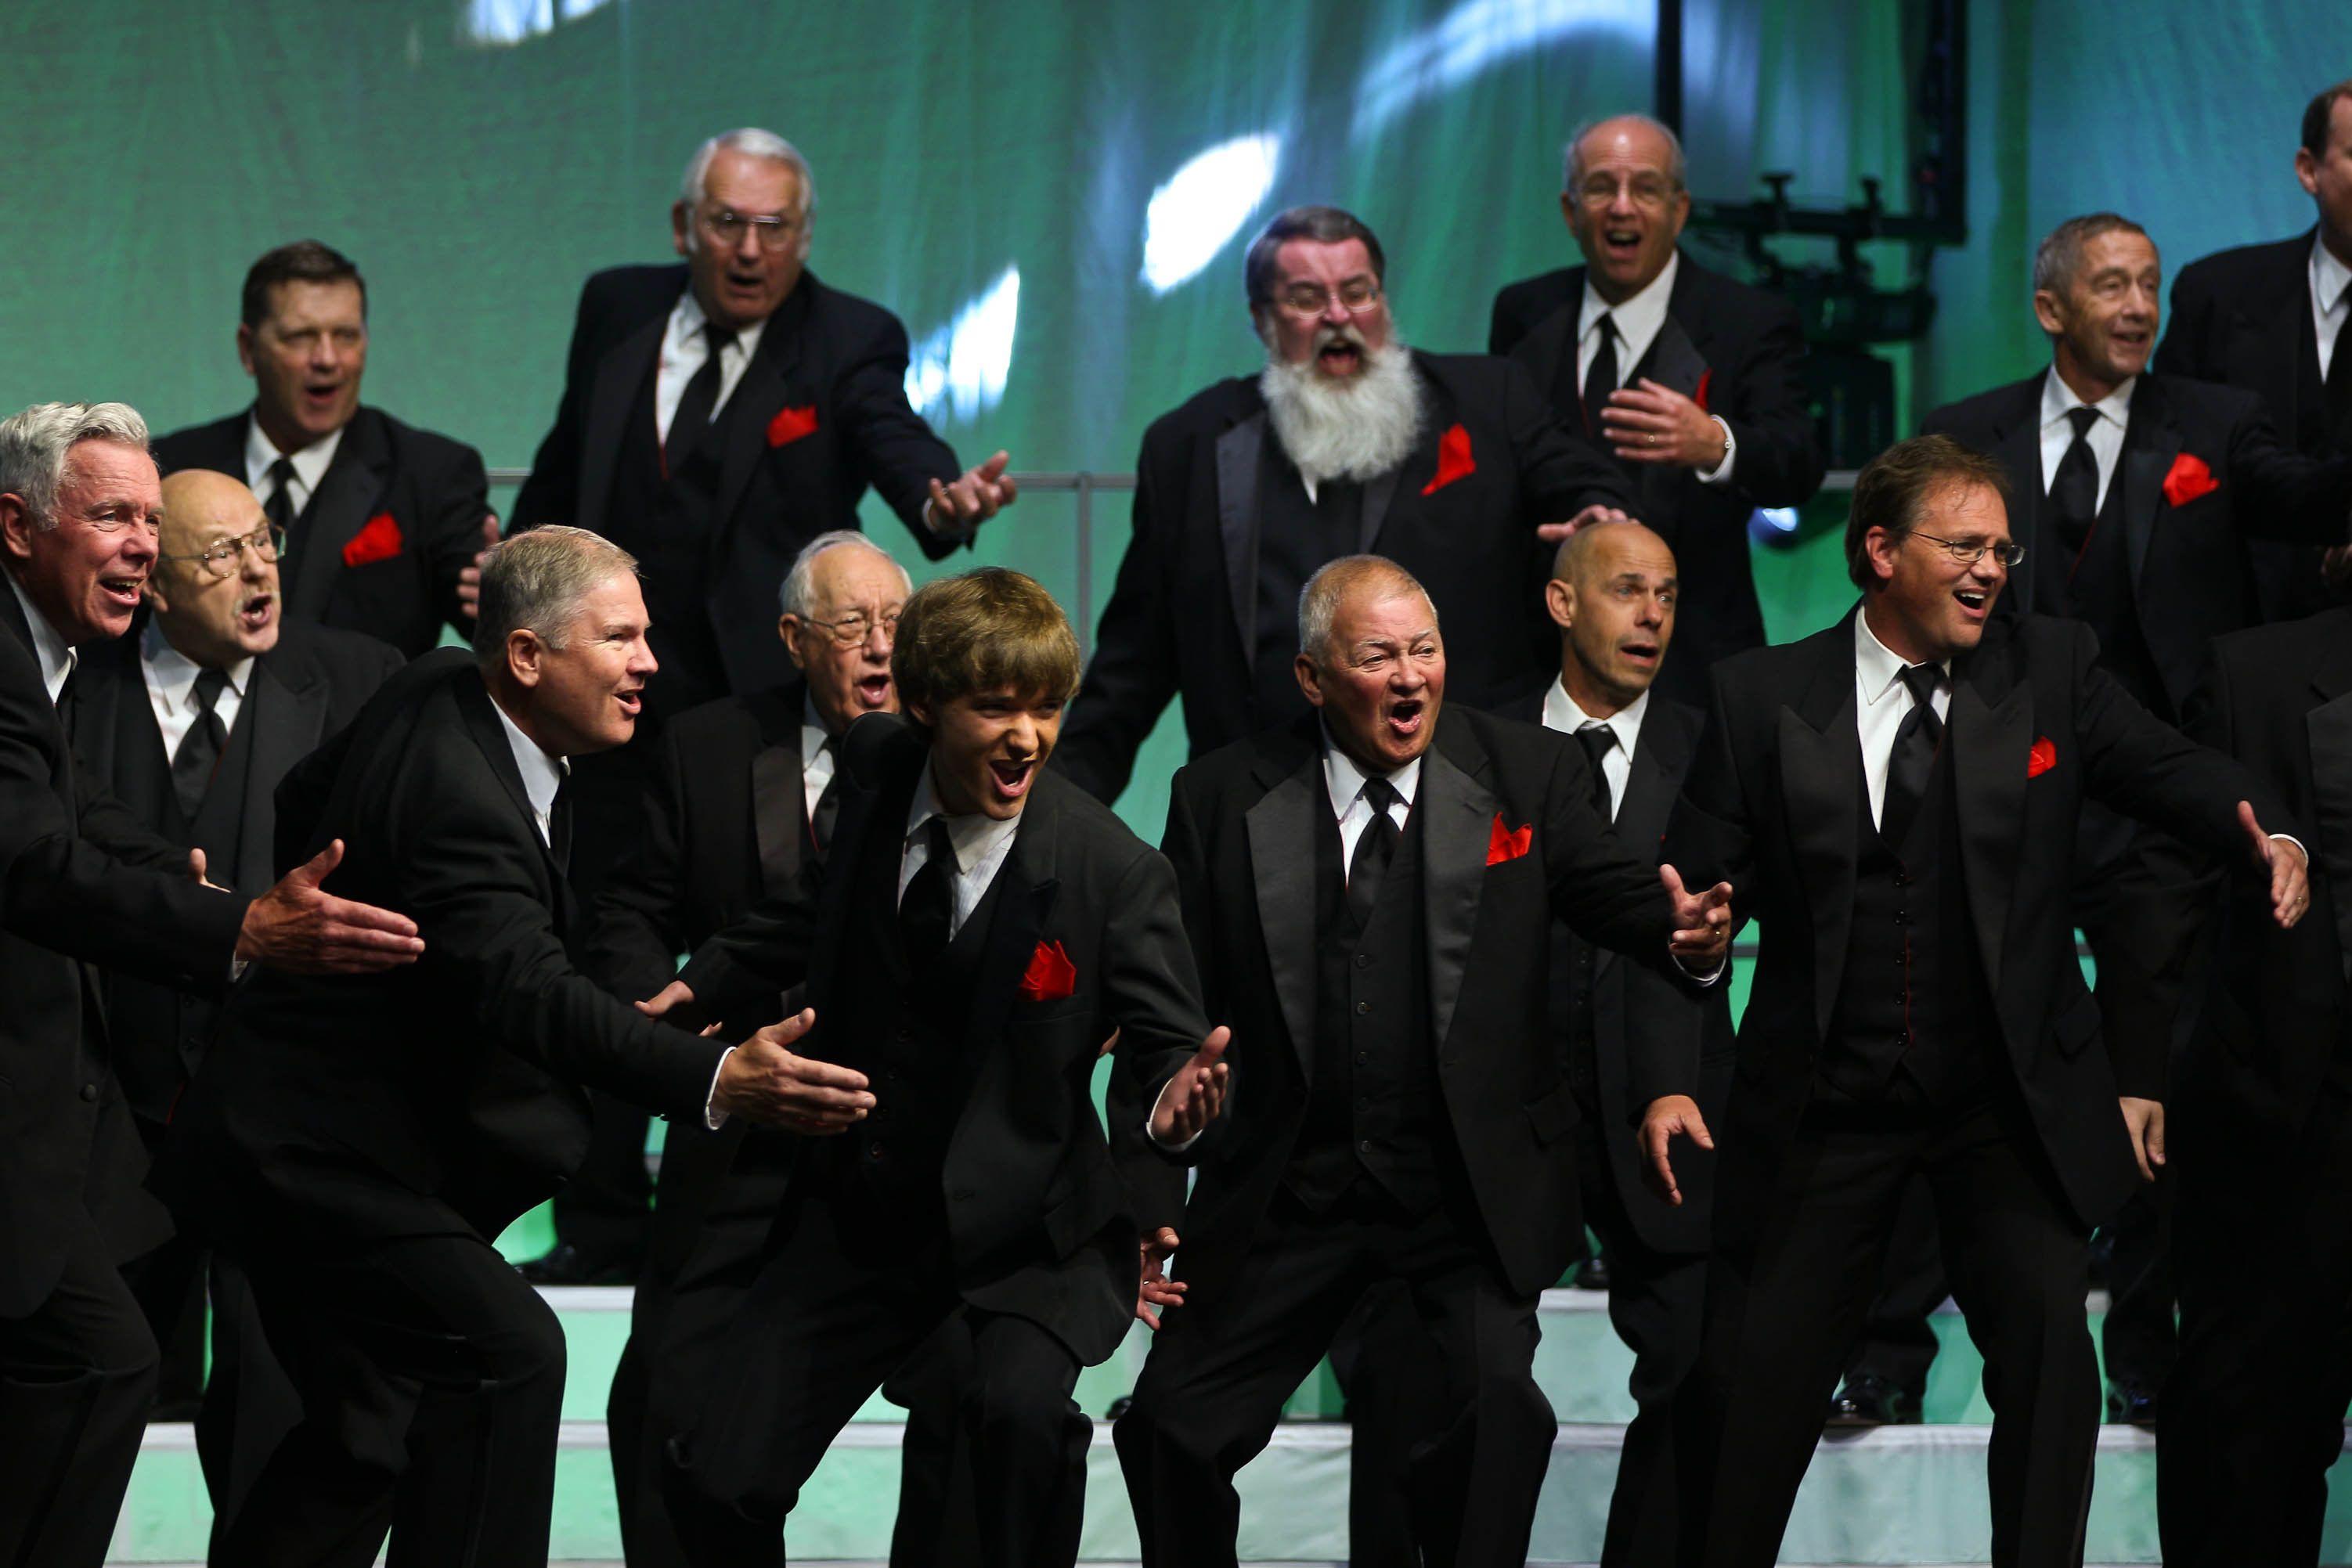 Singing & Fellowship